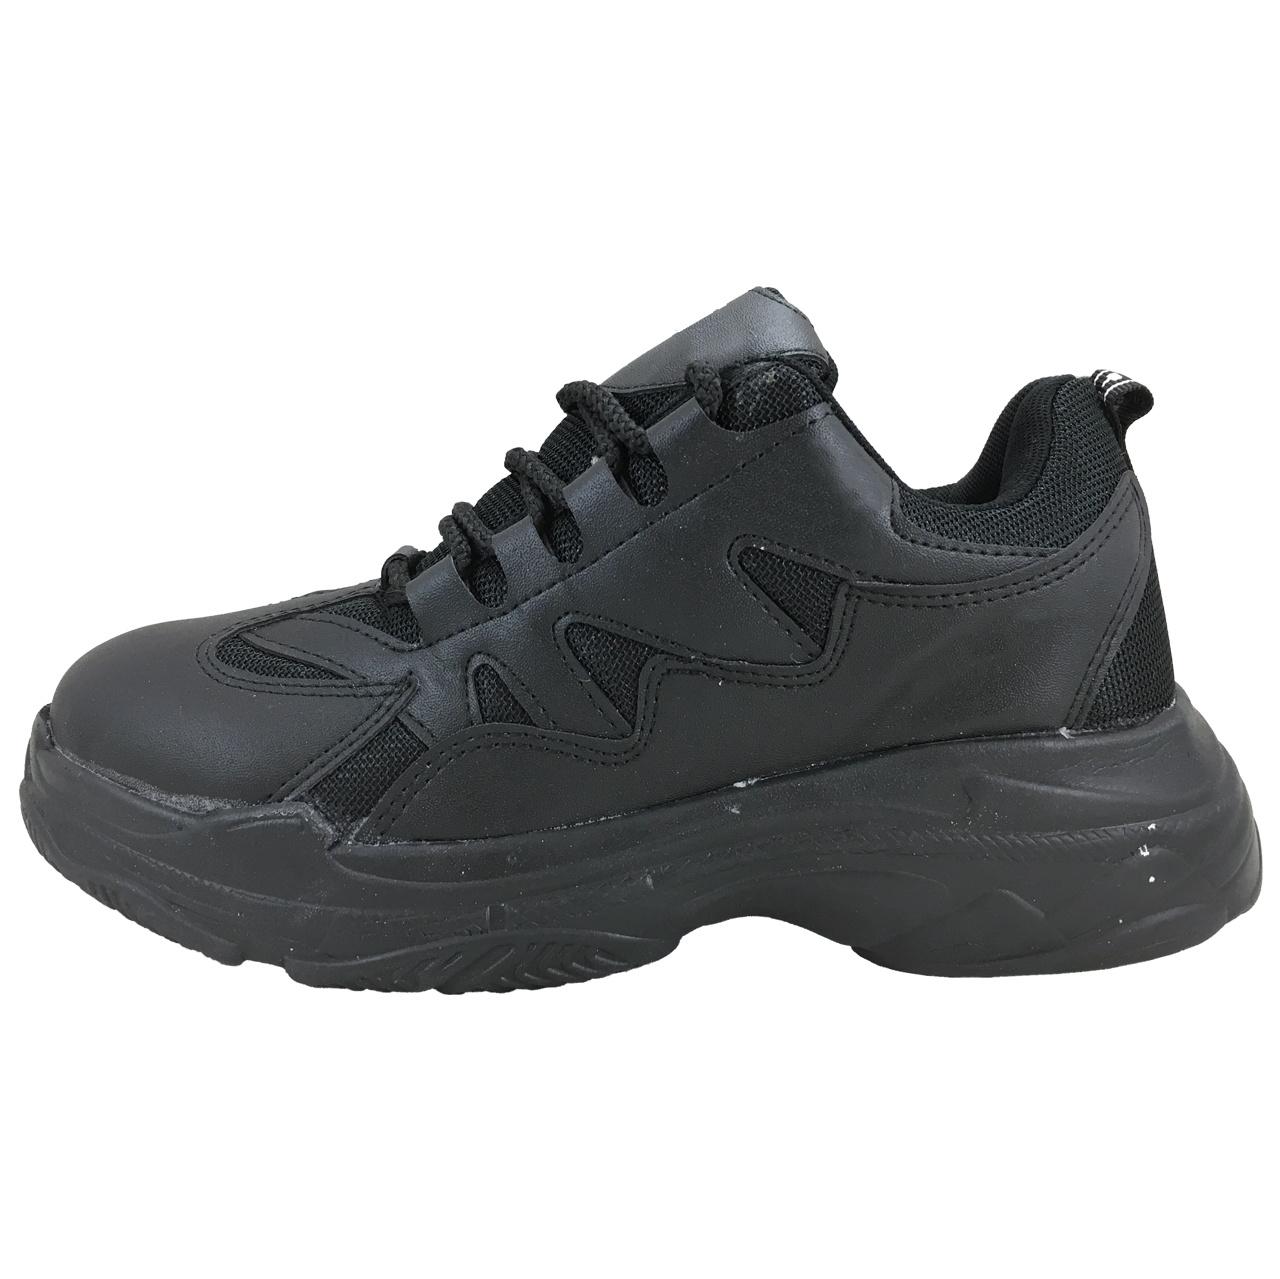 کفش مخصوص پیاده روی زنانه کد 2926